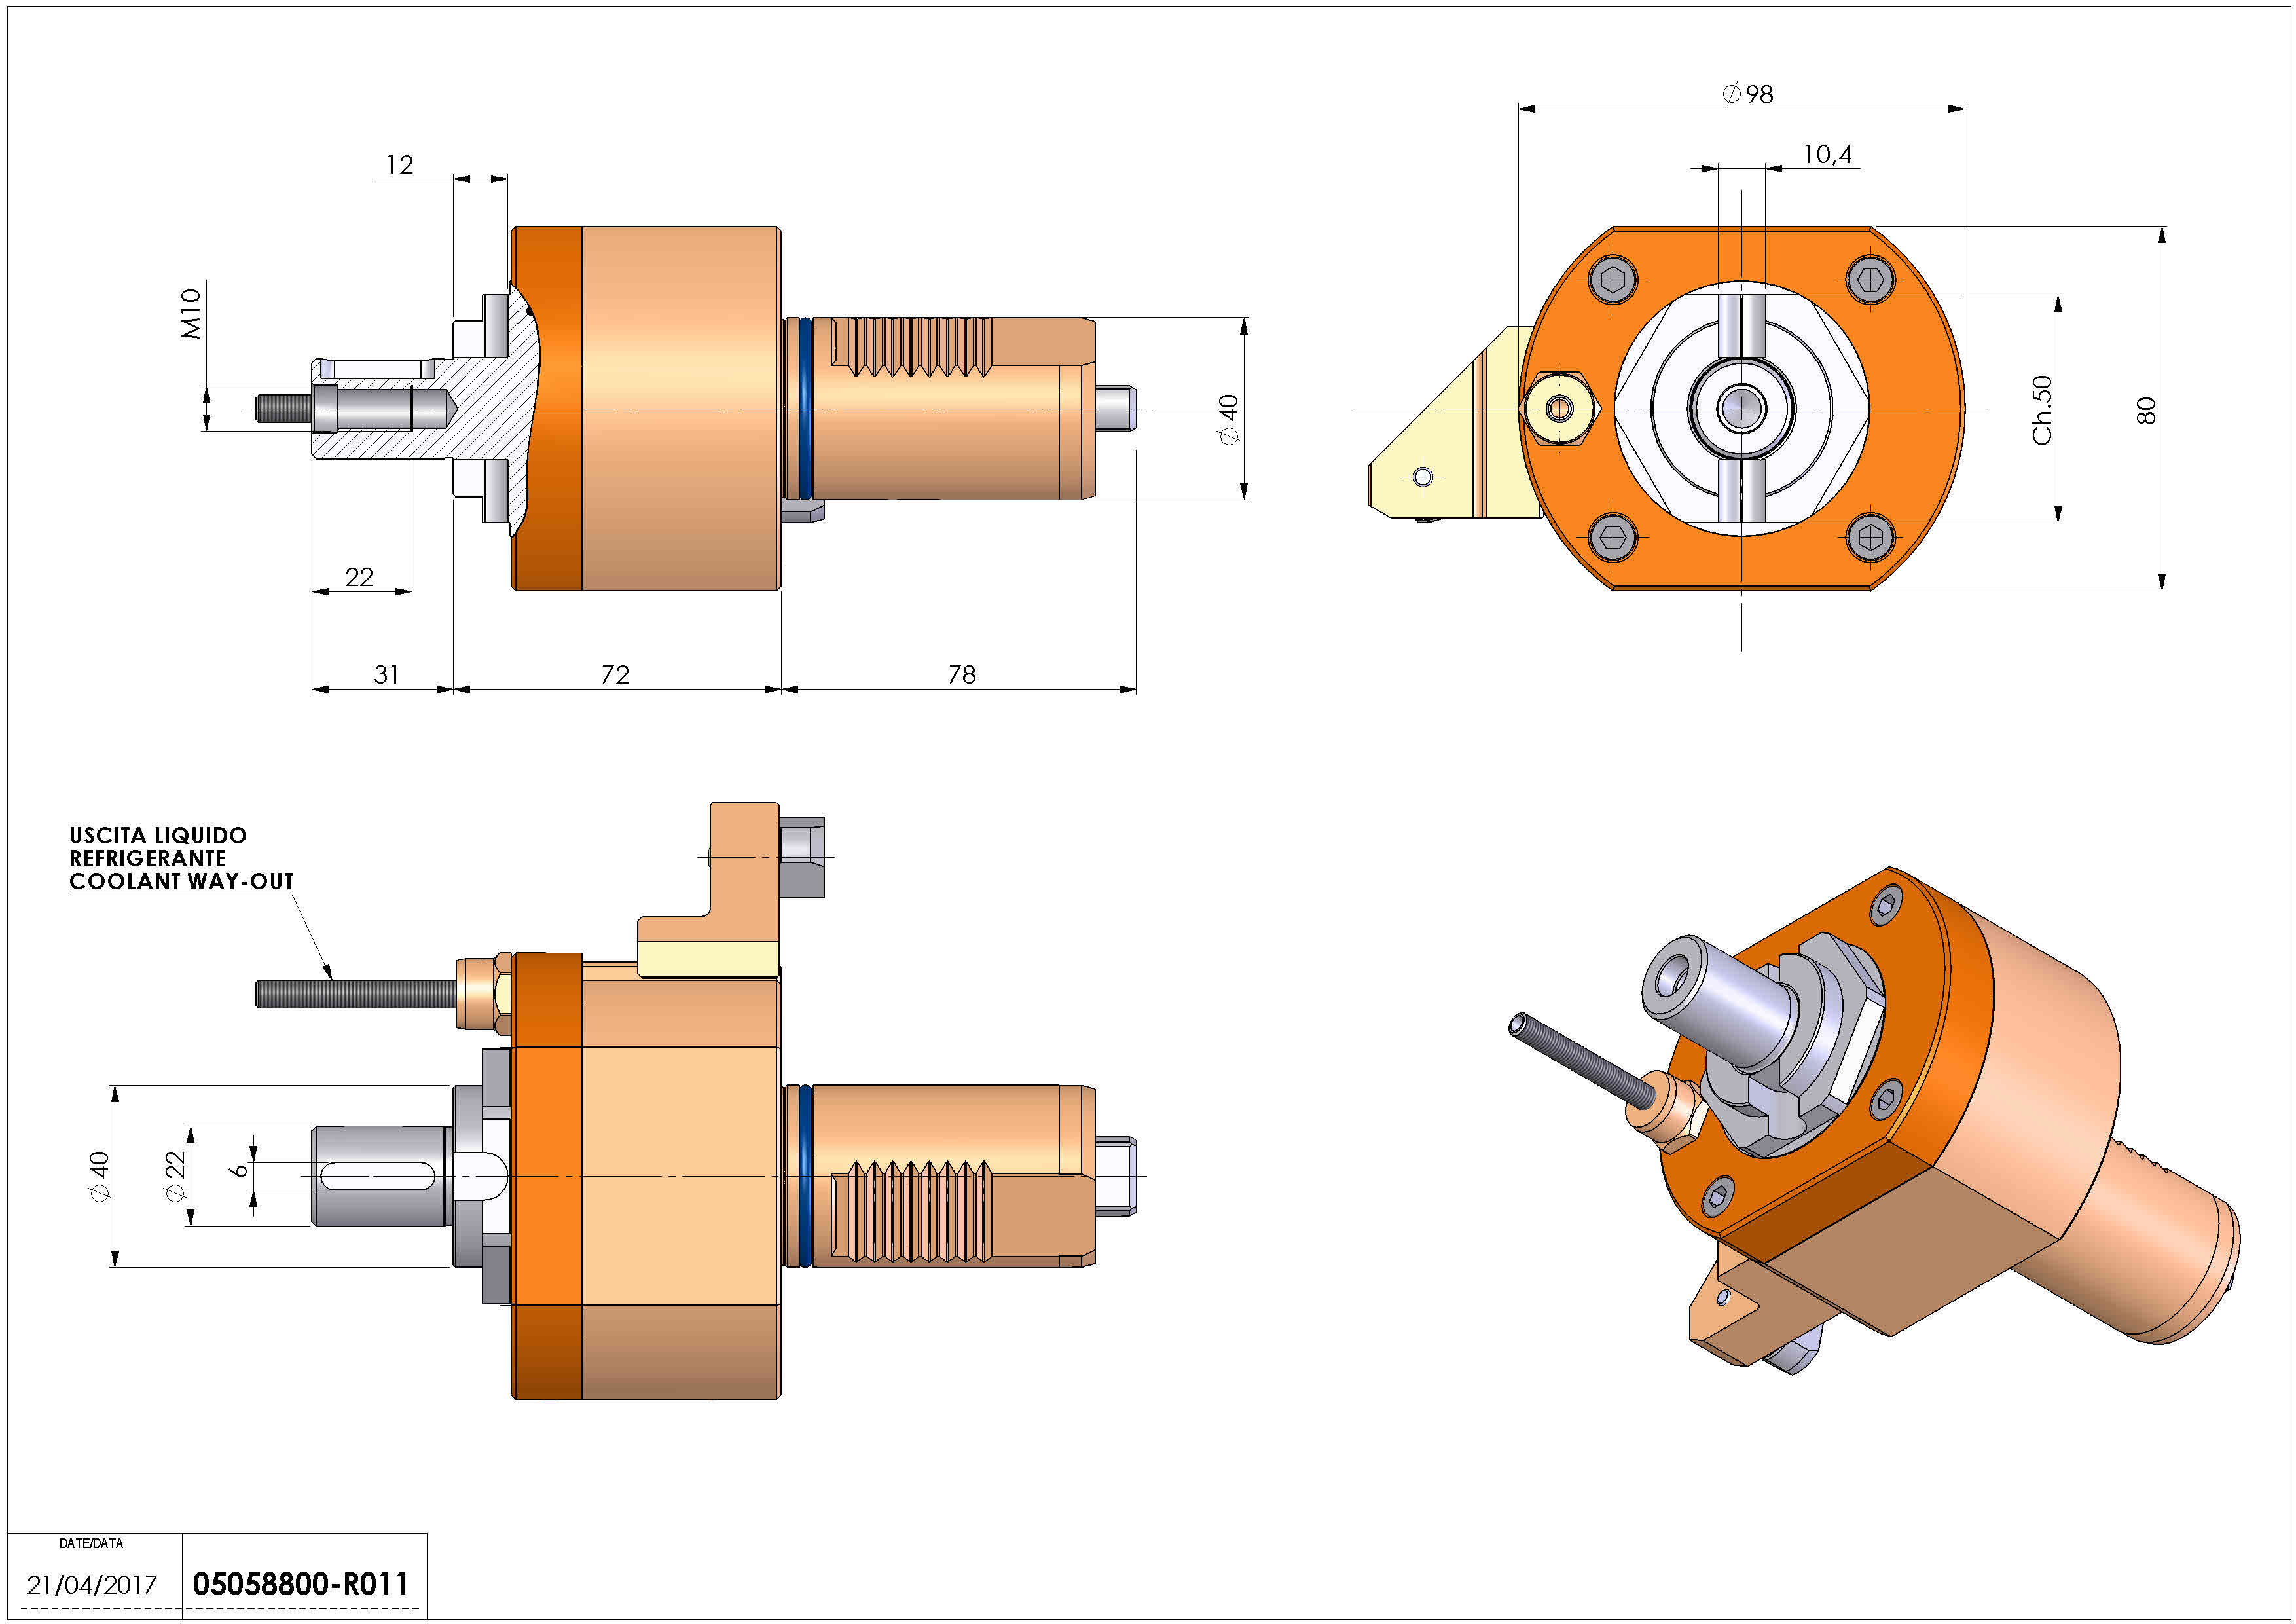 Technical image - LT-S VDI40 DIN138-22 H72 MZ.